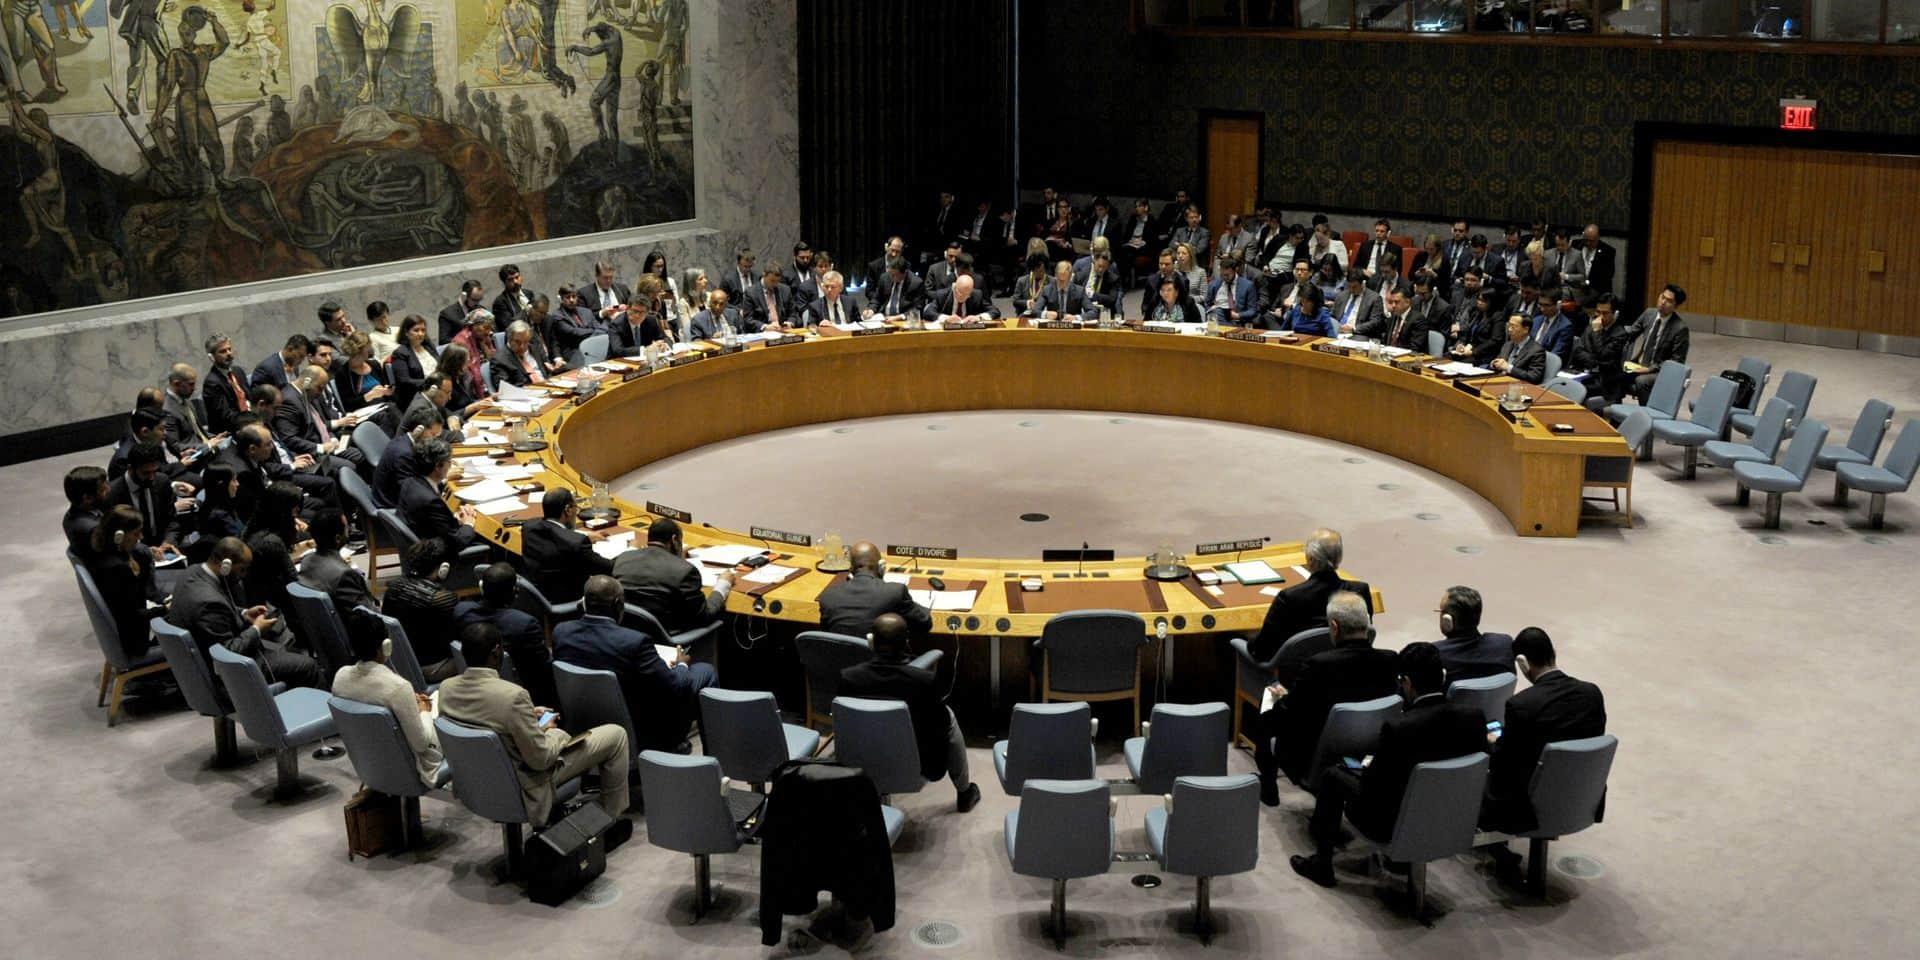 Conflit en Syrie: Moscou bloque à l'ONU un texte américain demandant l'arrêt de l'offensive turque